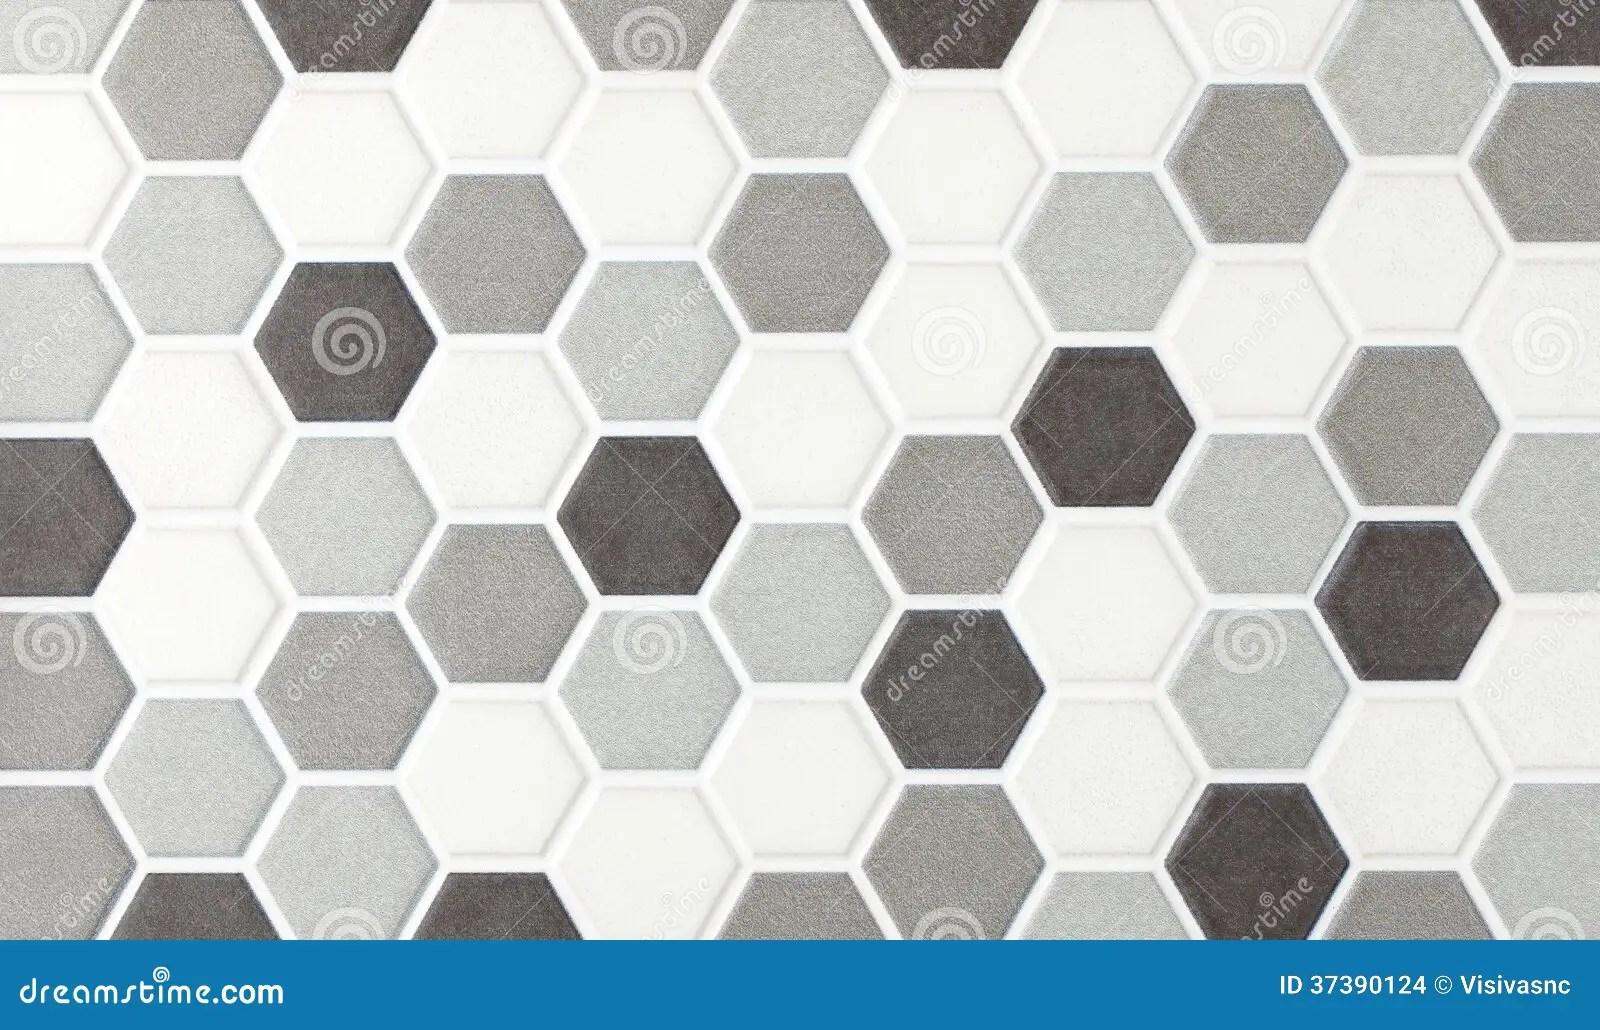 Tejas Hexagonales De Mrmol Del Mosaico Foto de archivo  Imagen de contexto elegante 37390124